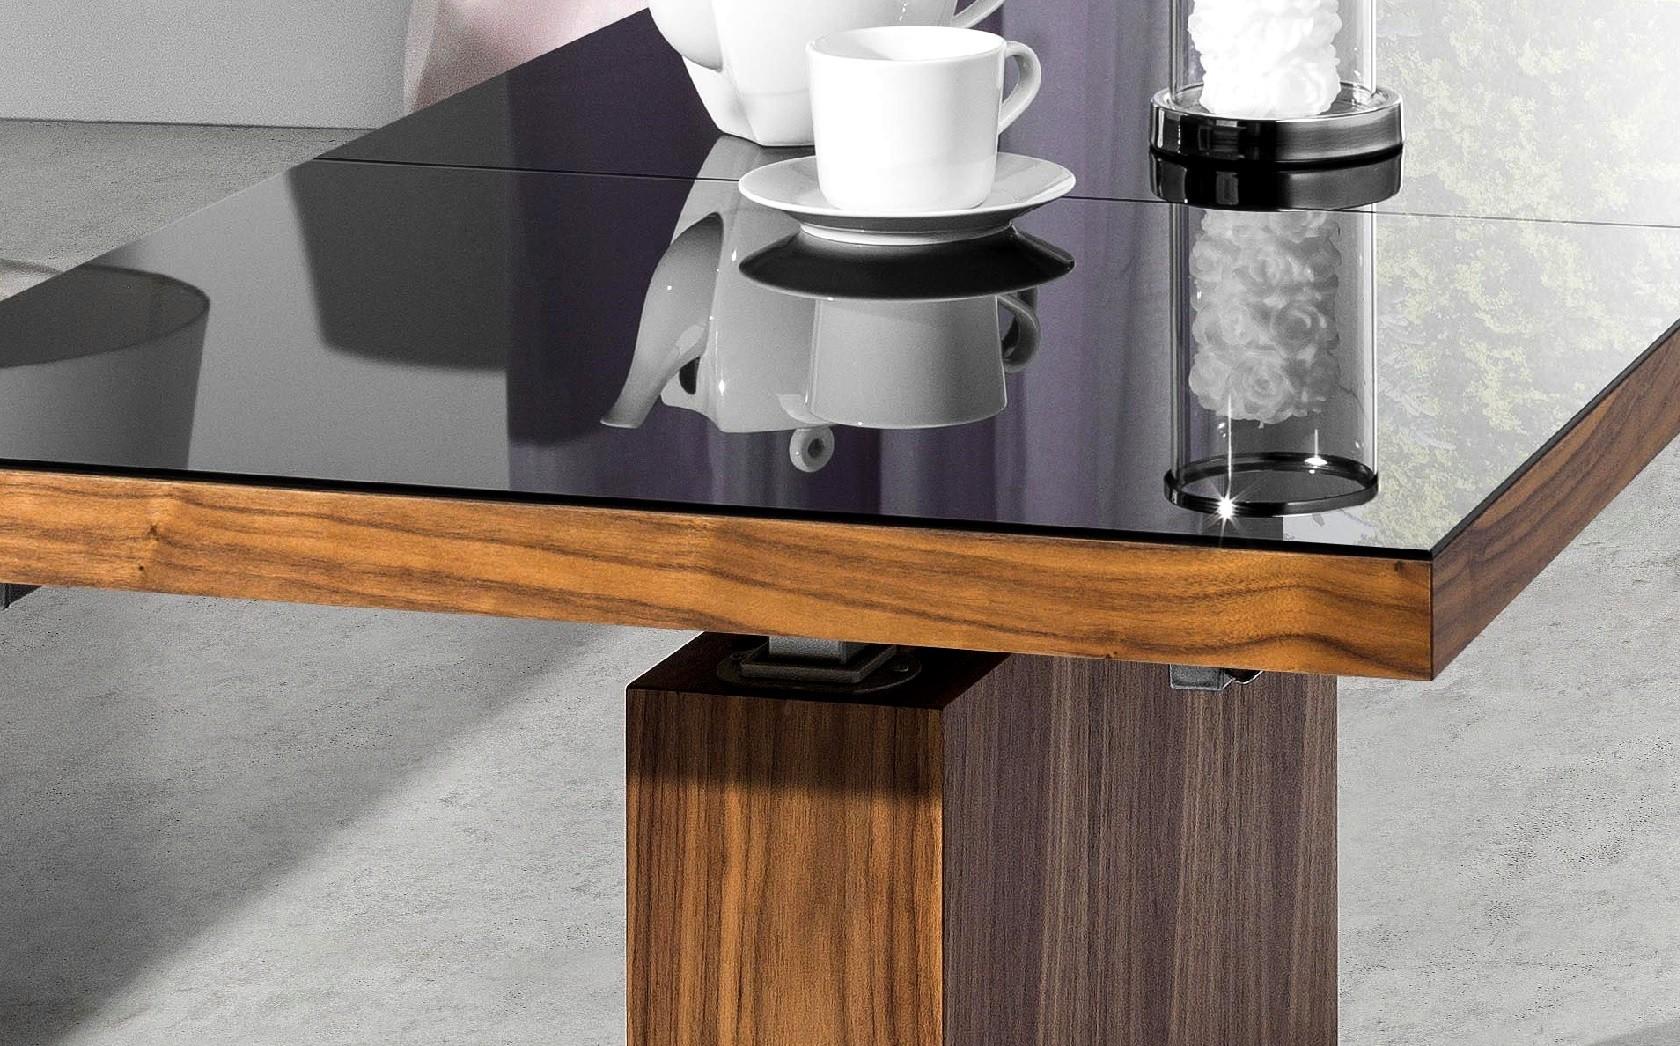 couchtisch h henverstellbar nussbaum kreative ideen ber home design. Black Bedroom Furniture Sets. Home Design Ideas